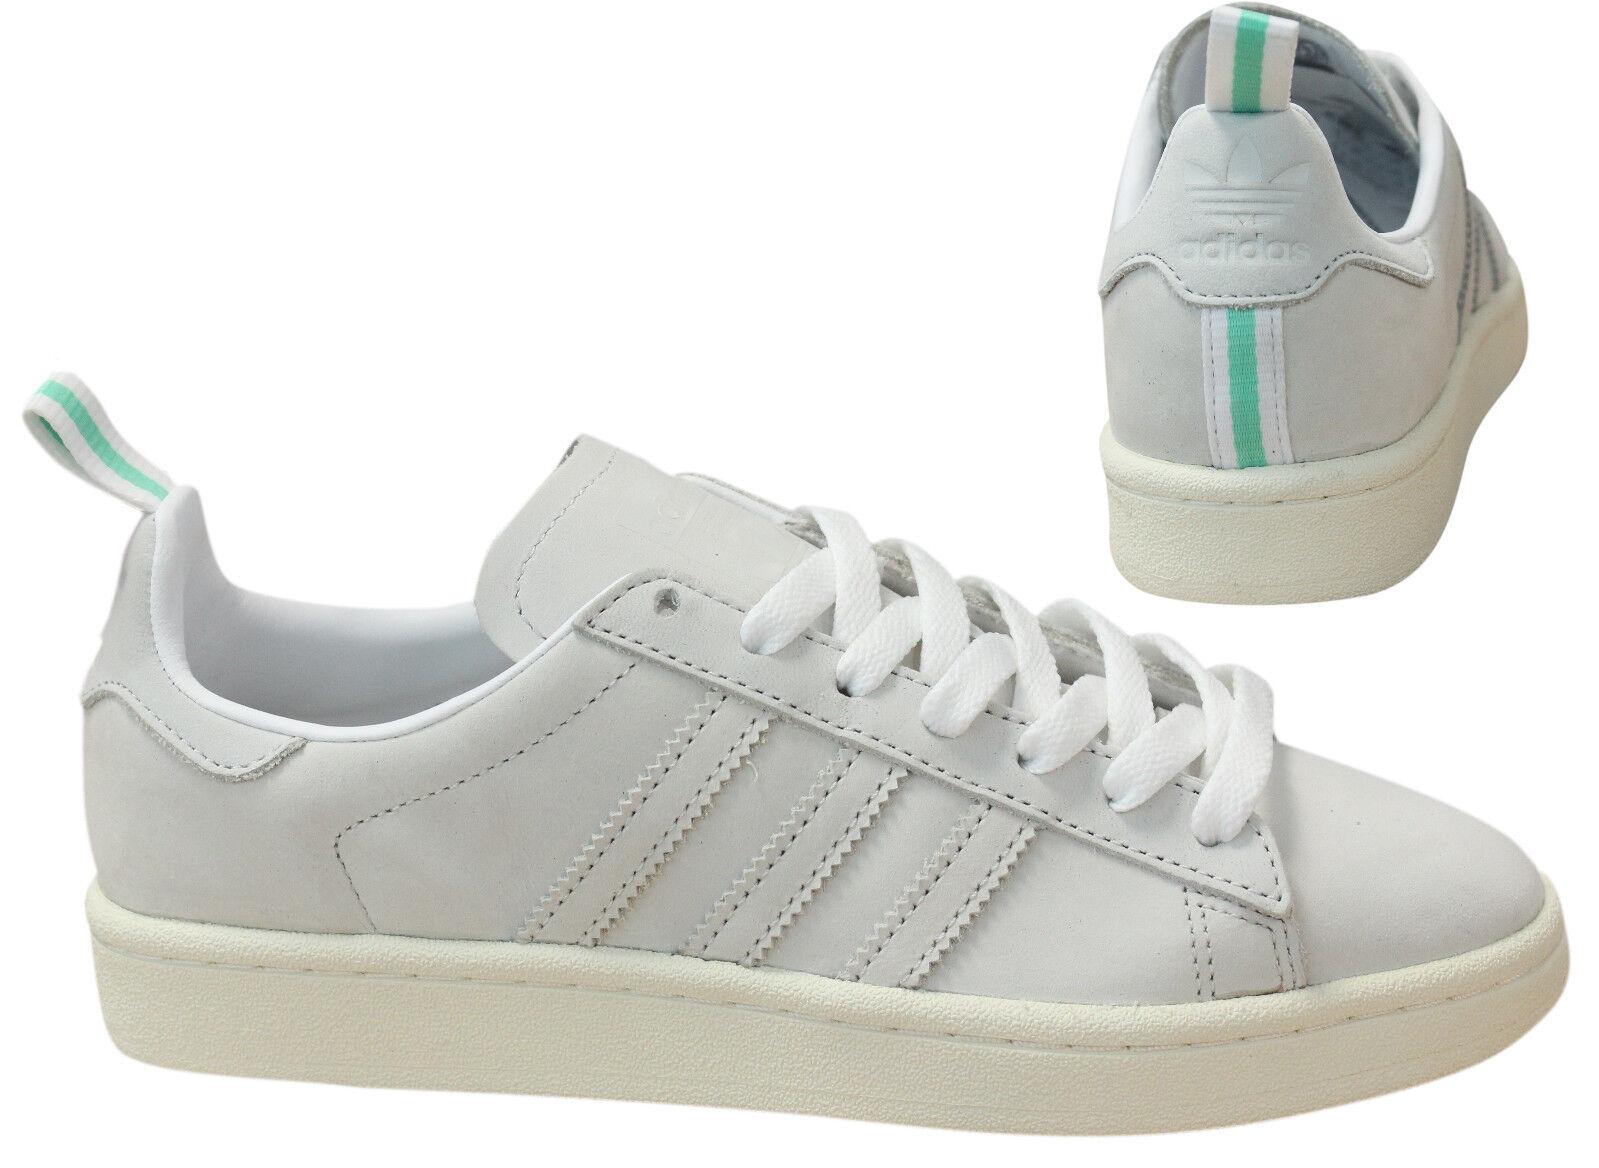 Adidas Originals Cordones Campus ante Hombres con Cordones Originals Zapatillas Blanco BZ0065 M16 260e15